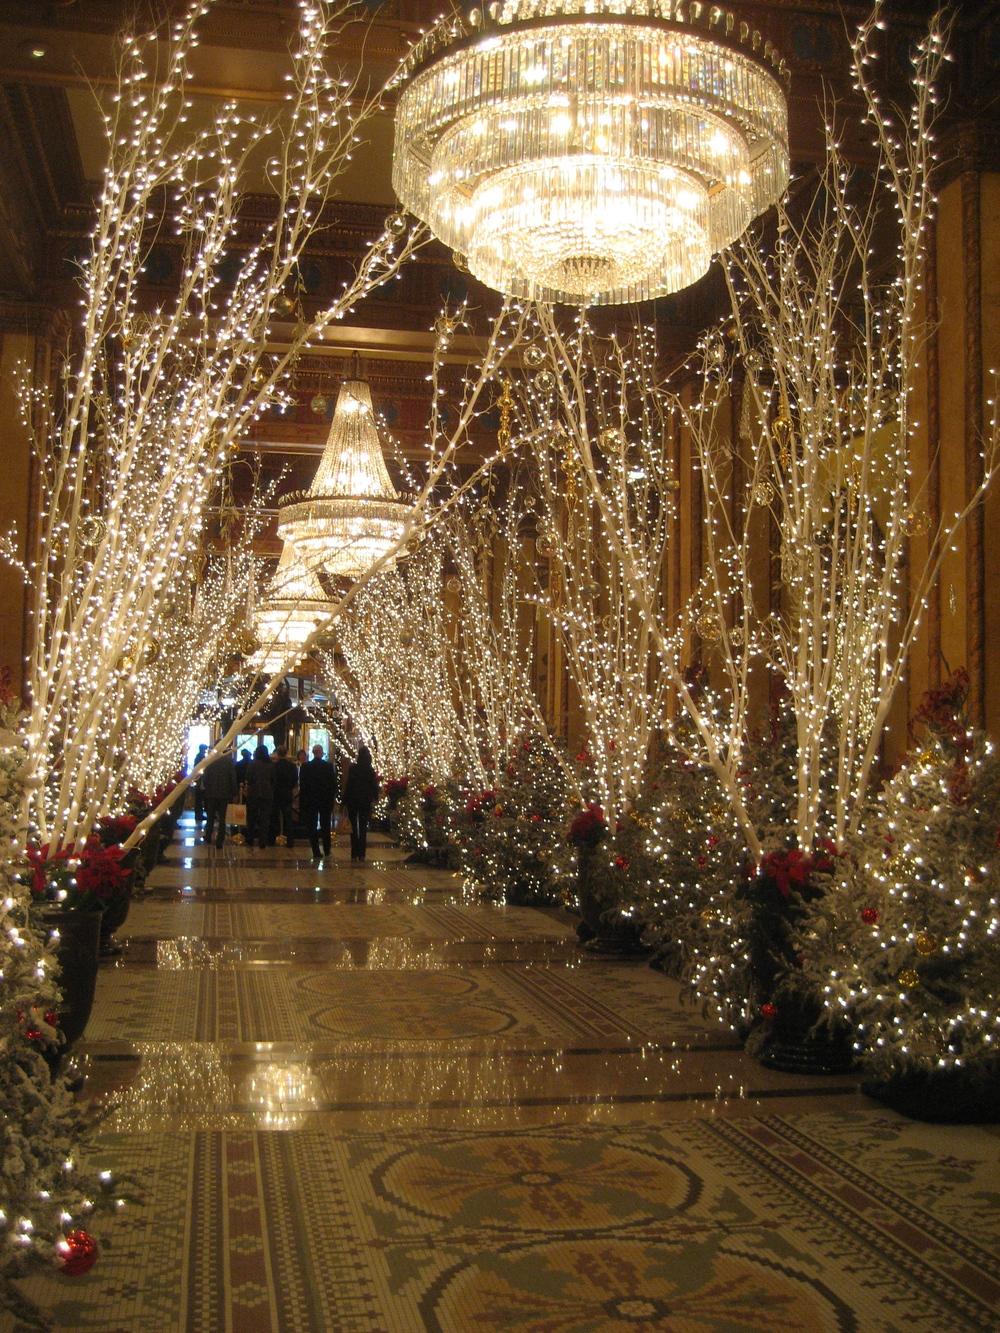 Roosevelt Hotel Lobby, Courtesy Wikimedia